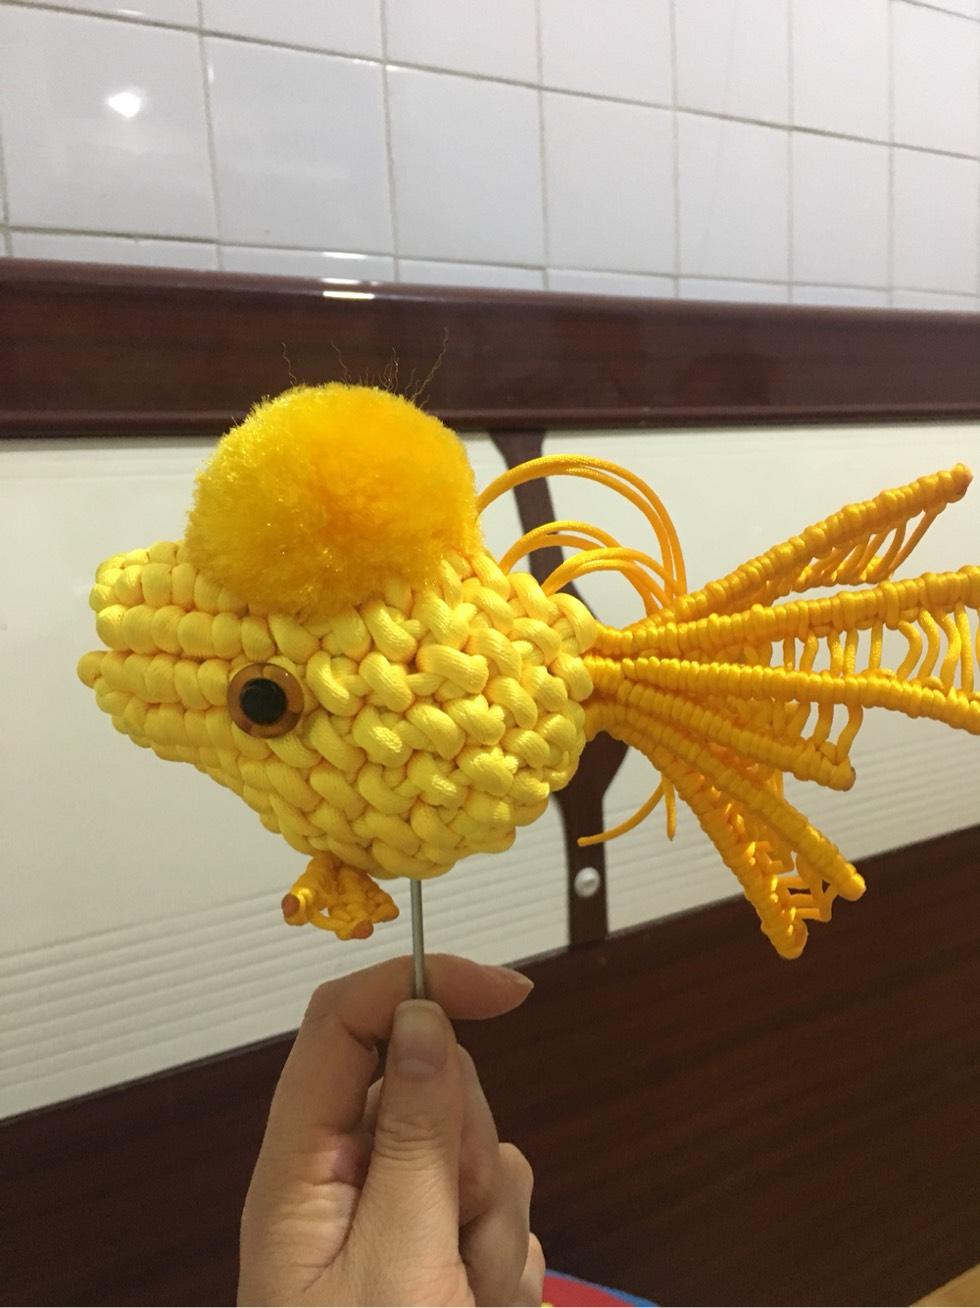 中国结论坛 大金鱼 大金鱼,养三条金鱼的寓意什么,哪种金鱼最好养排名,什么观赏鱼养大了值钱,鸿运当头金鱼好养吗 作品展示 205802aesssd6jzud1ju6w